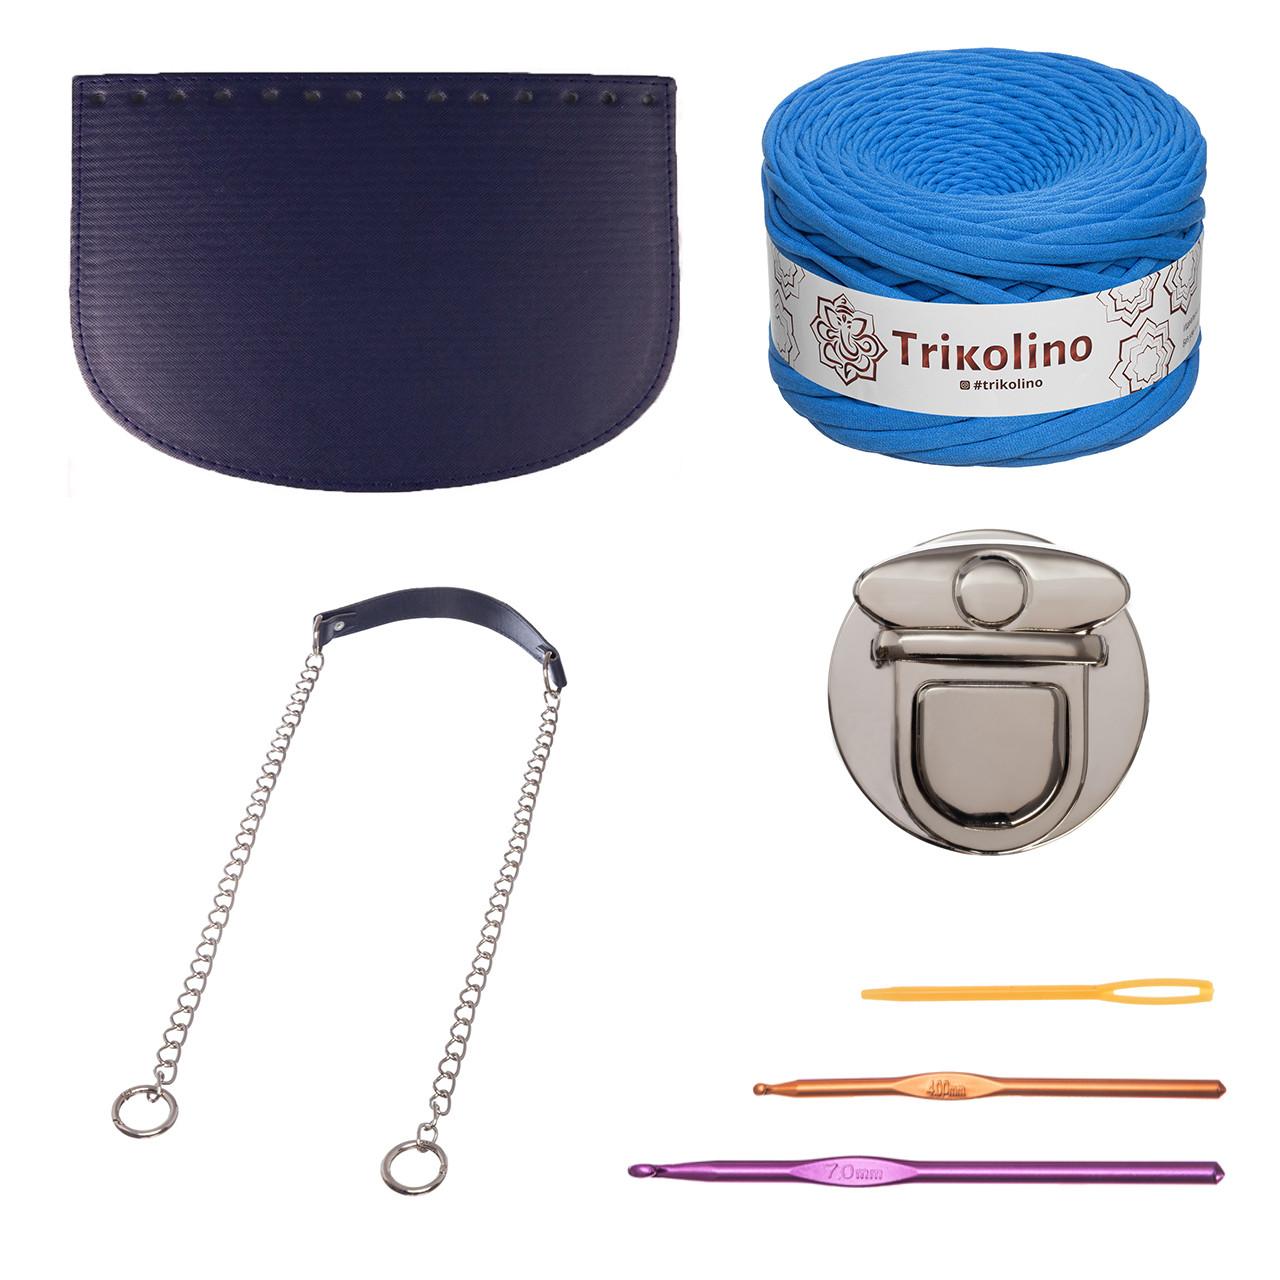 Набор для сумки-ракушки Орео МАКСИ Синий+Королевский синий, фурнитура серебро